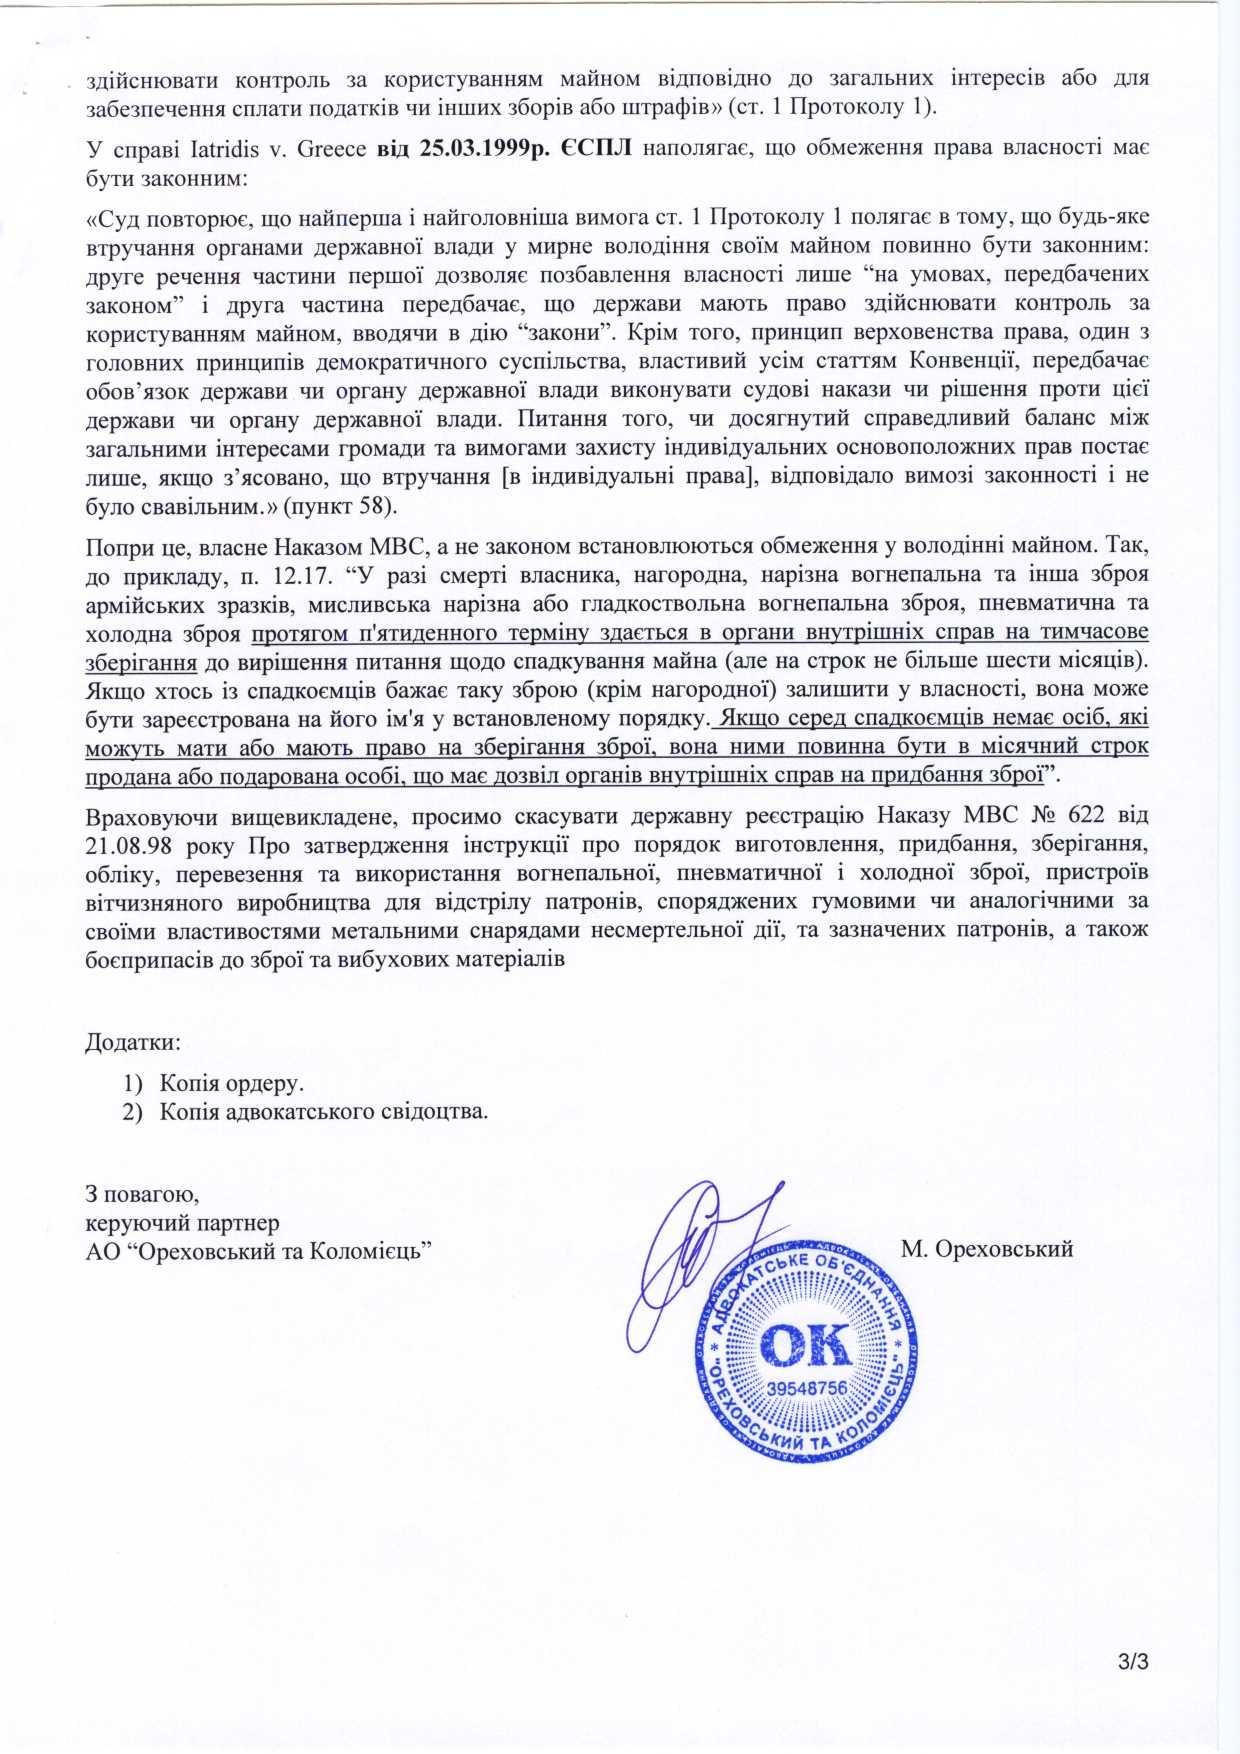 Звернення щодо скасування державної реєстрації Наказу МВС № 622.